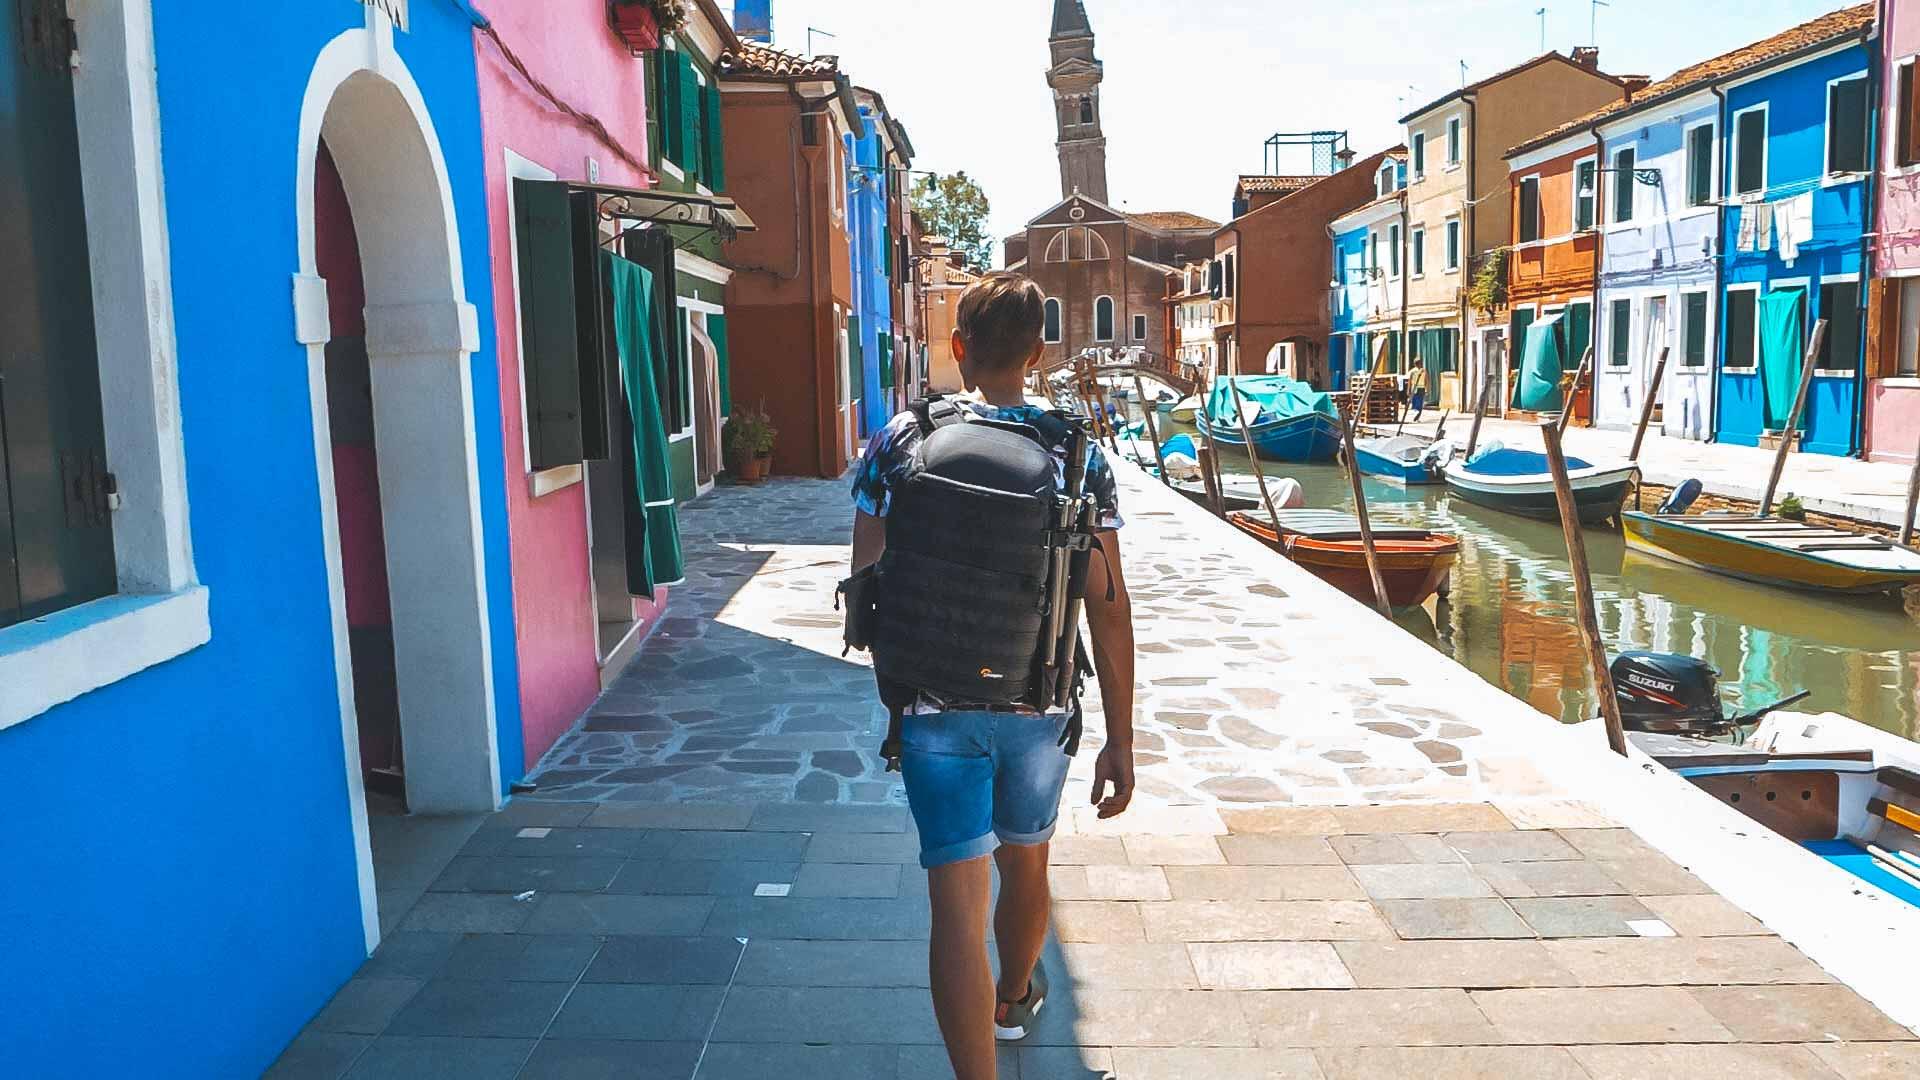 Valentin läuft durch Burano - bunte Häuser, Boote und der Turm der Martino Kirche